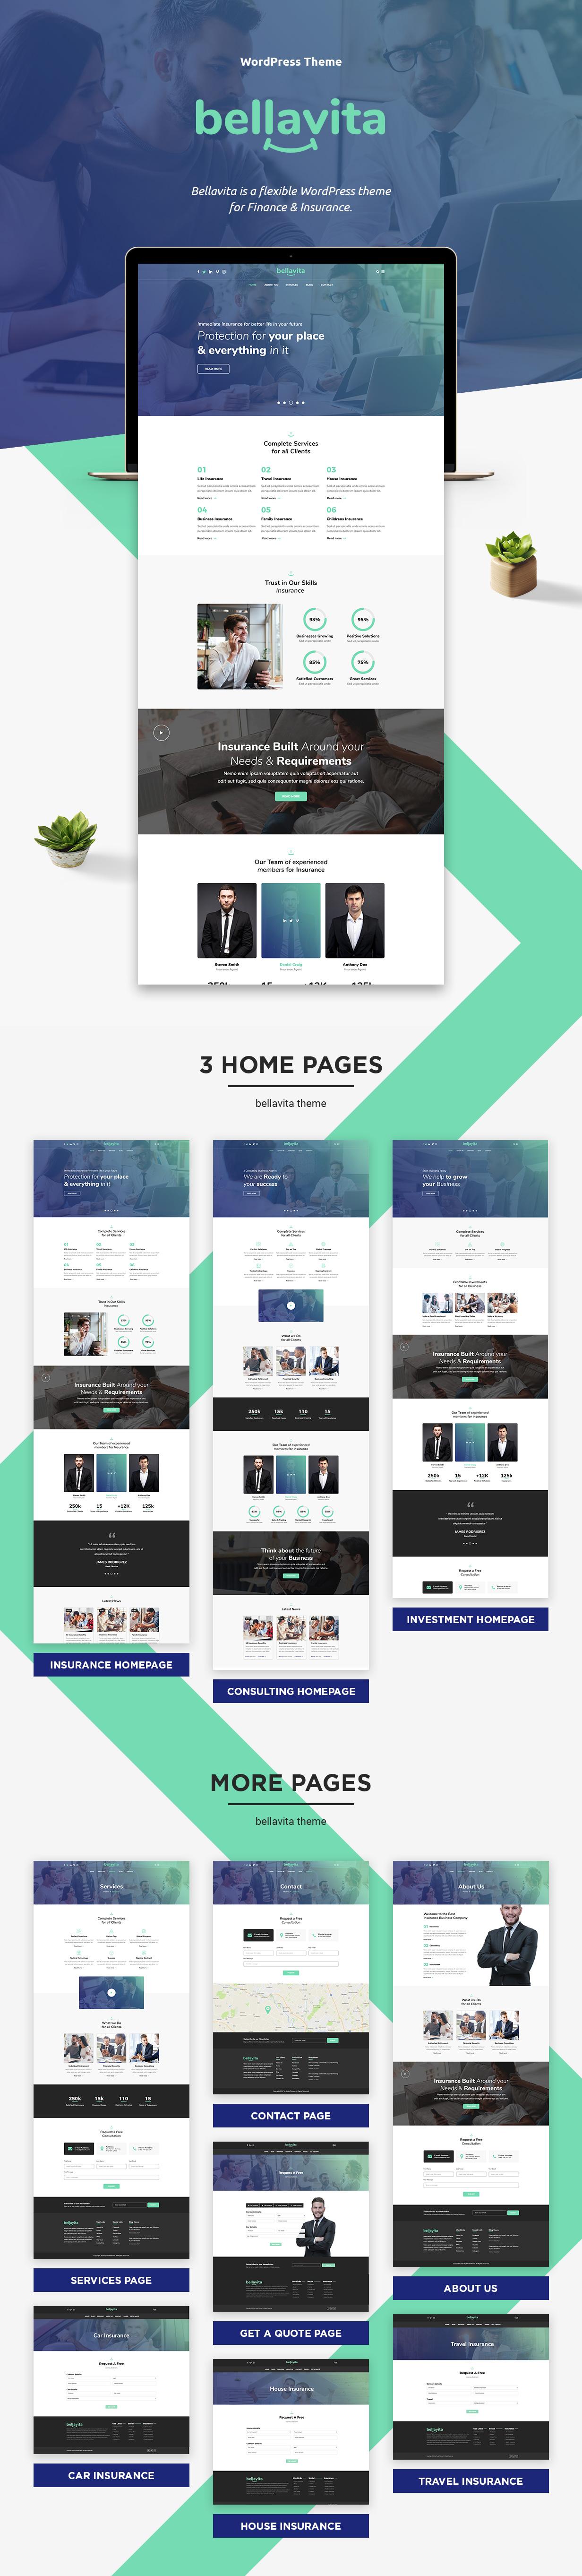 Bellavita - Versicherung & Finanzen WordPress Theme - 1